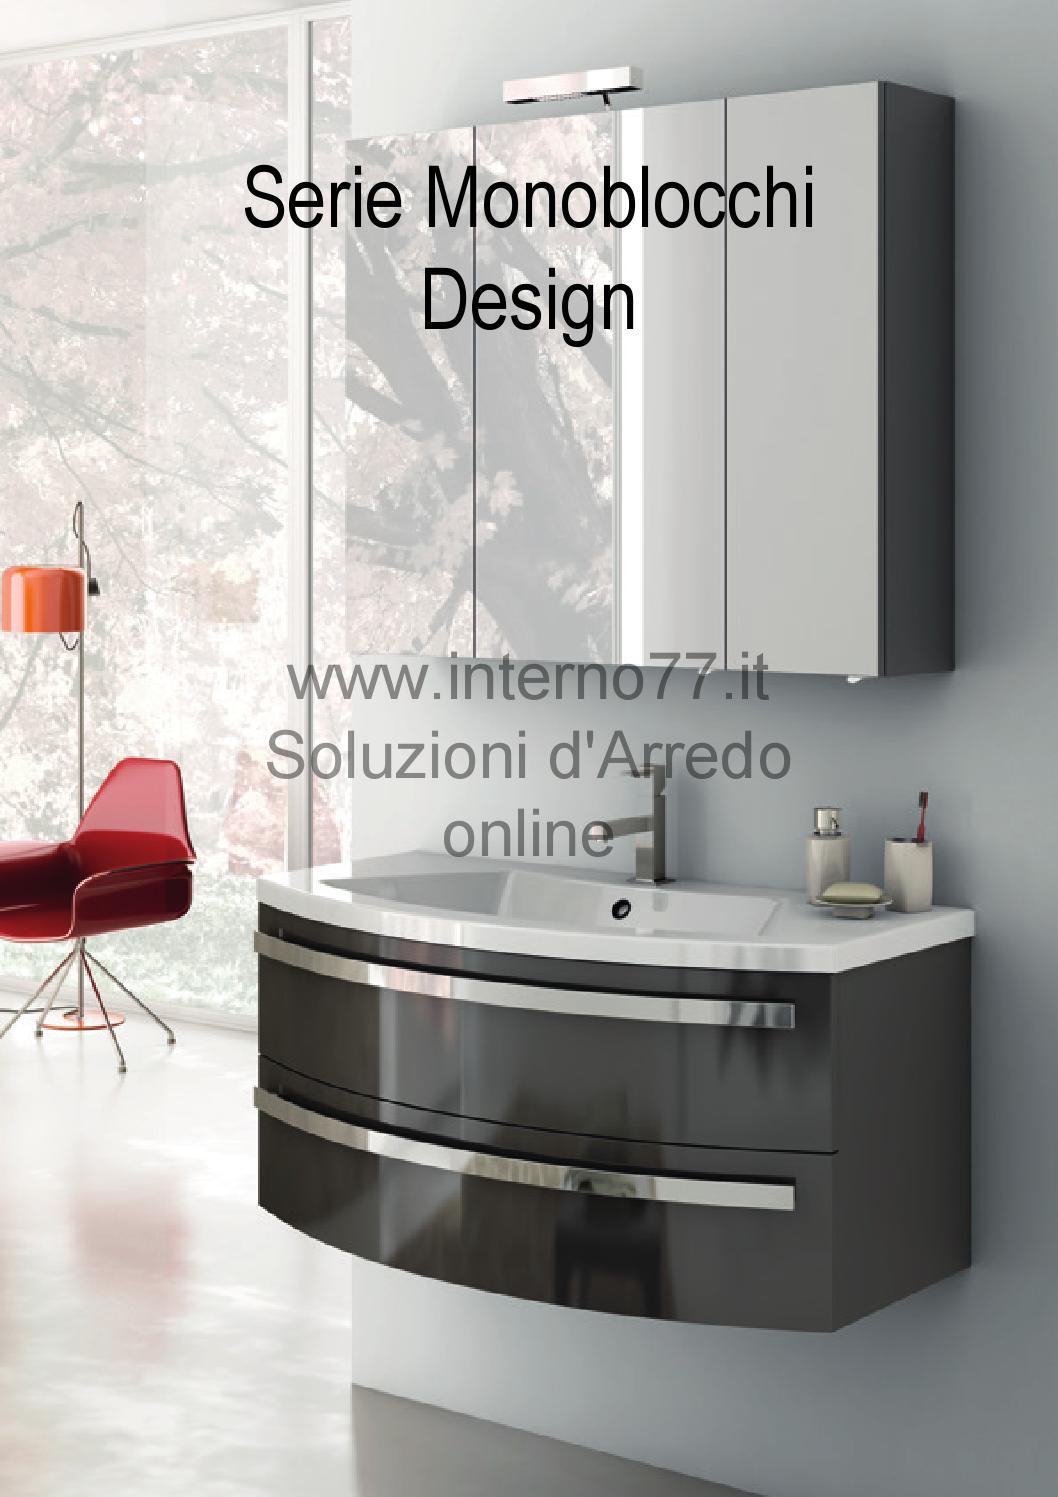 Serie monoblocchi cfa by interno77 soluzioni d 39 arredo for Soluzioni d arredo soggiorno